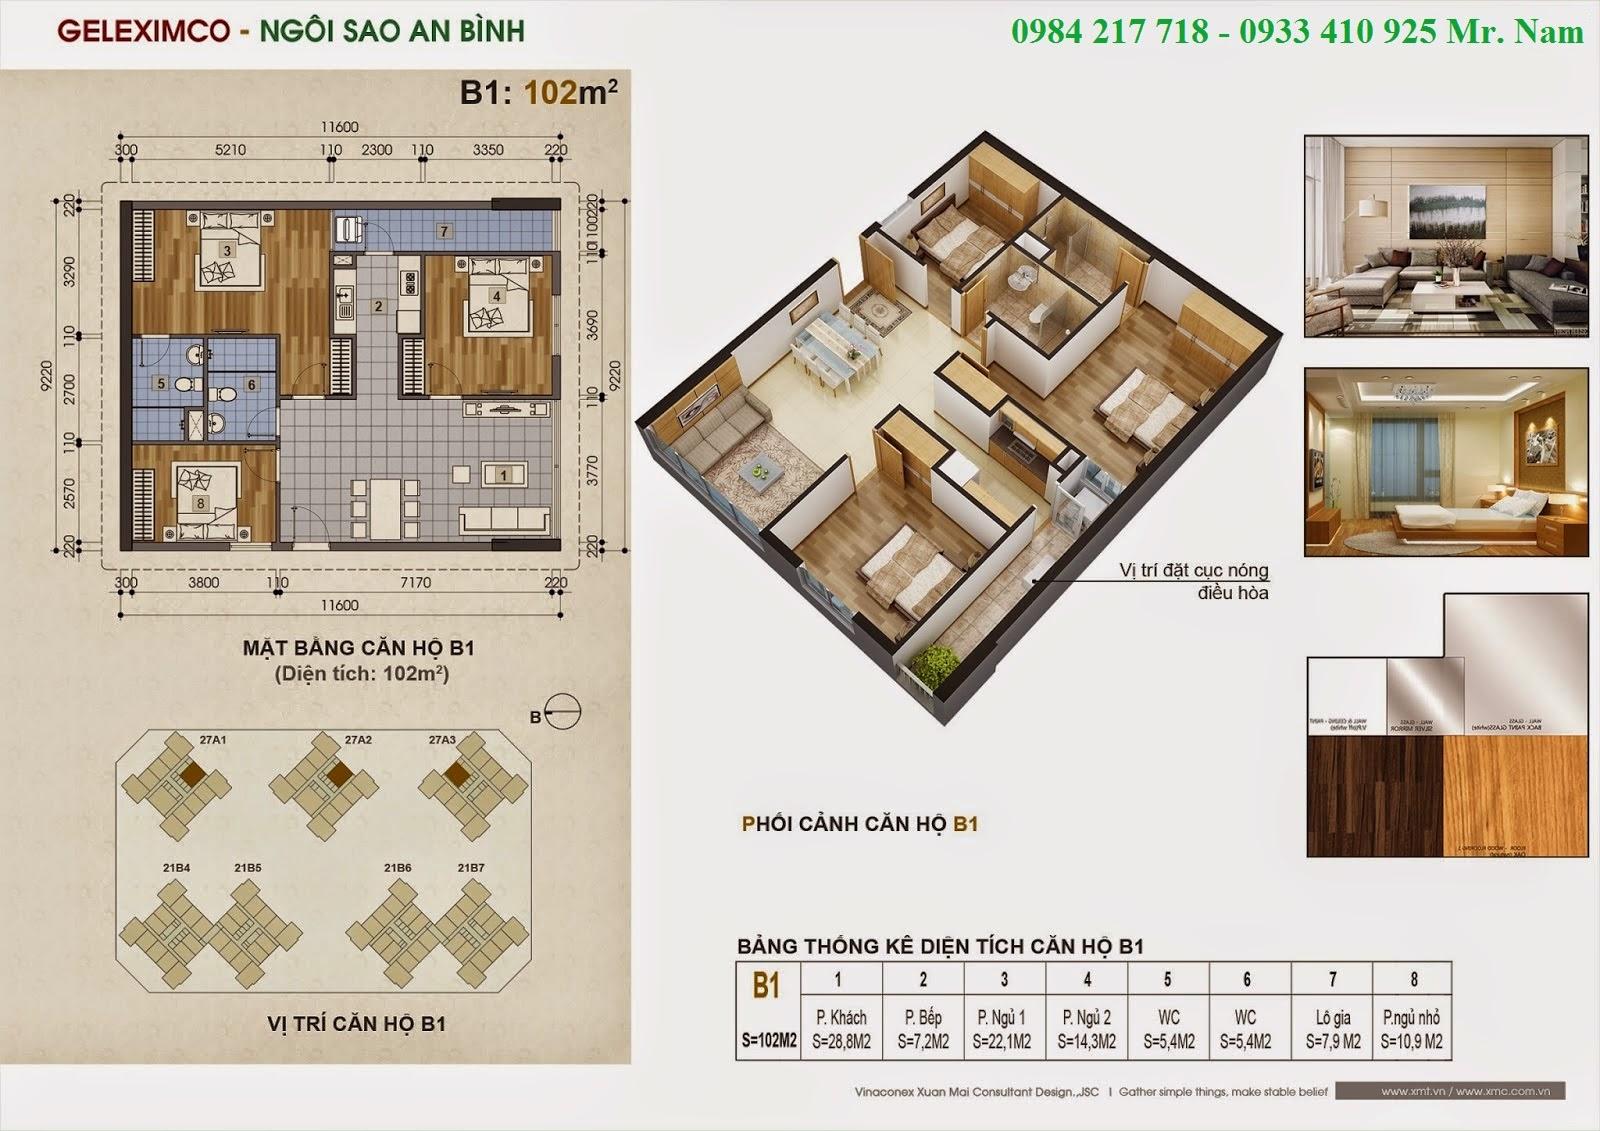 Thiết kế căn hộ B1 diện tích 102 m2 chung cư Green Stars